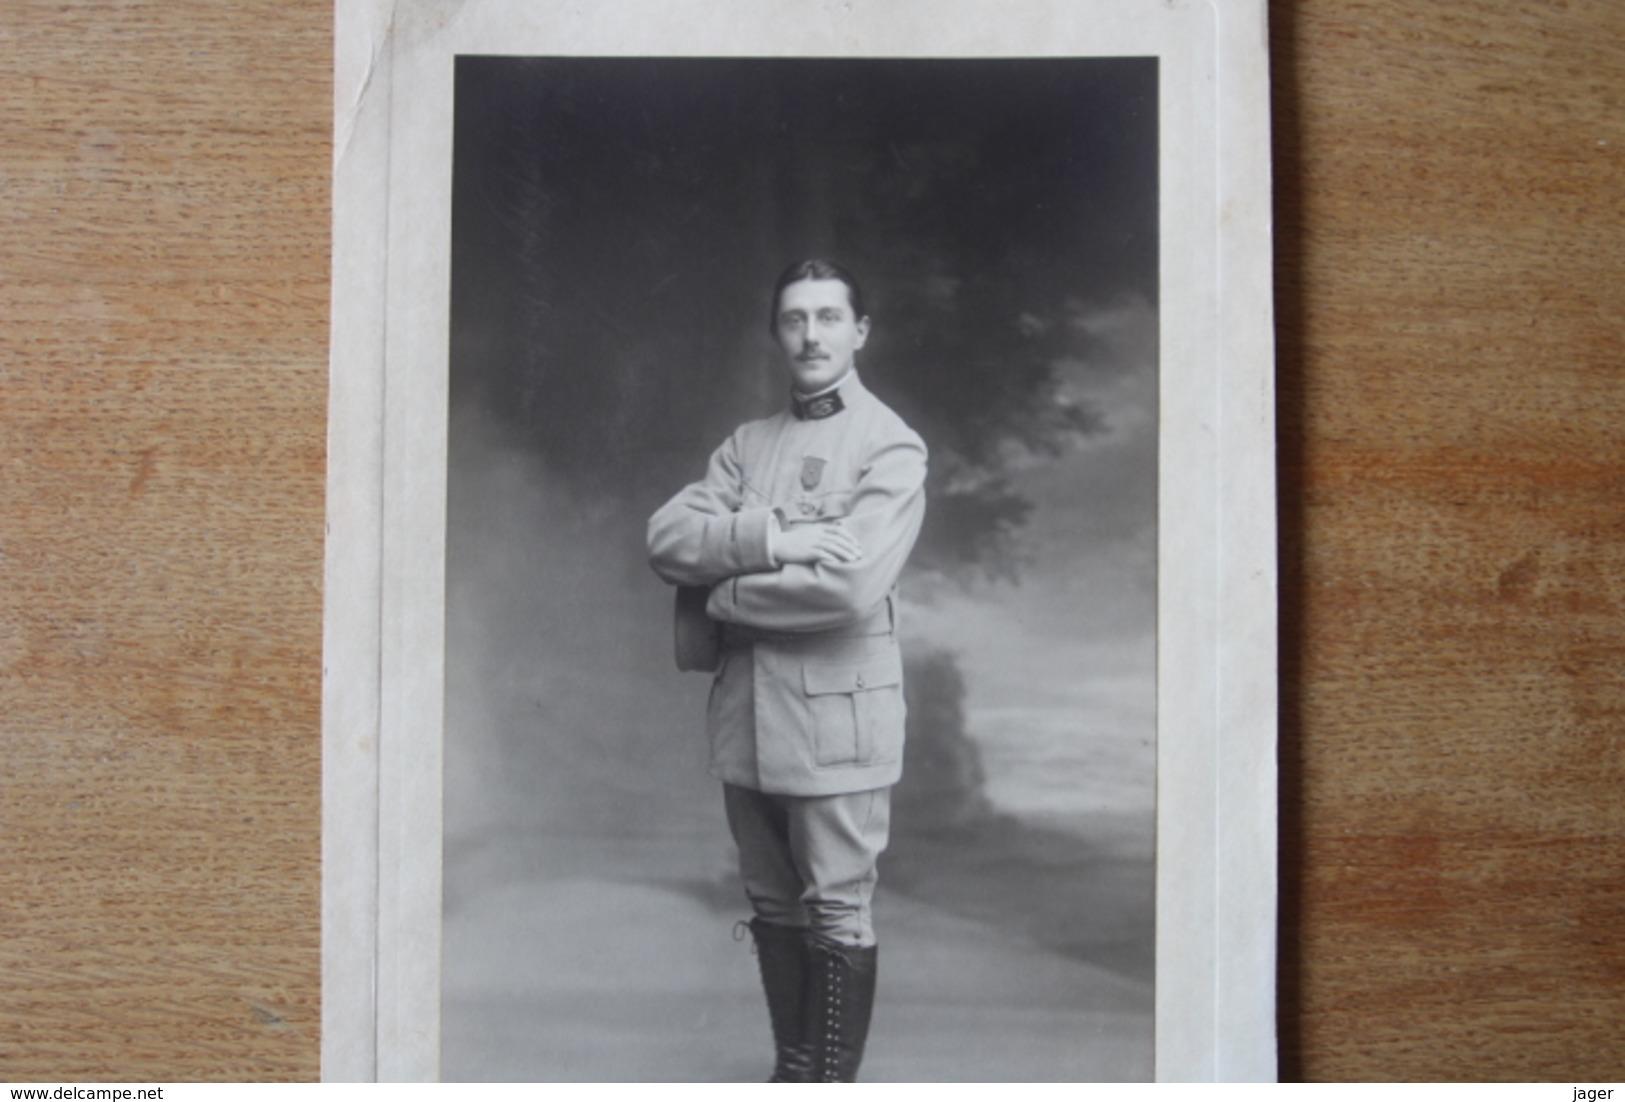 Photo Militaire Guerre 1914 1918  Medecin Militaire Croix De Guerre  Très Beau Tirage Studio - Guerra, Militares